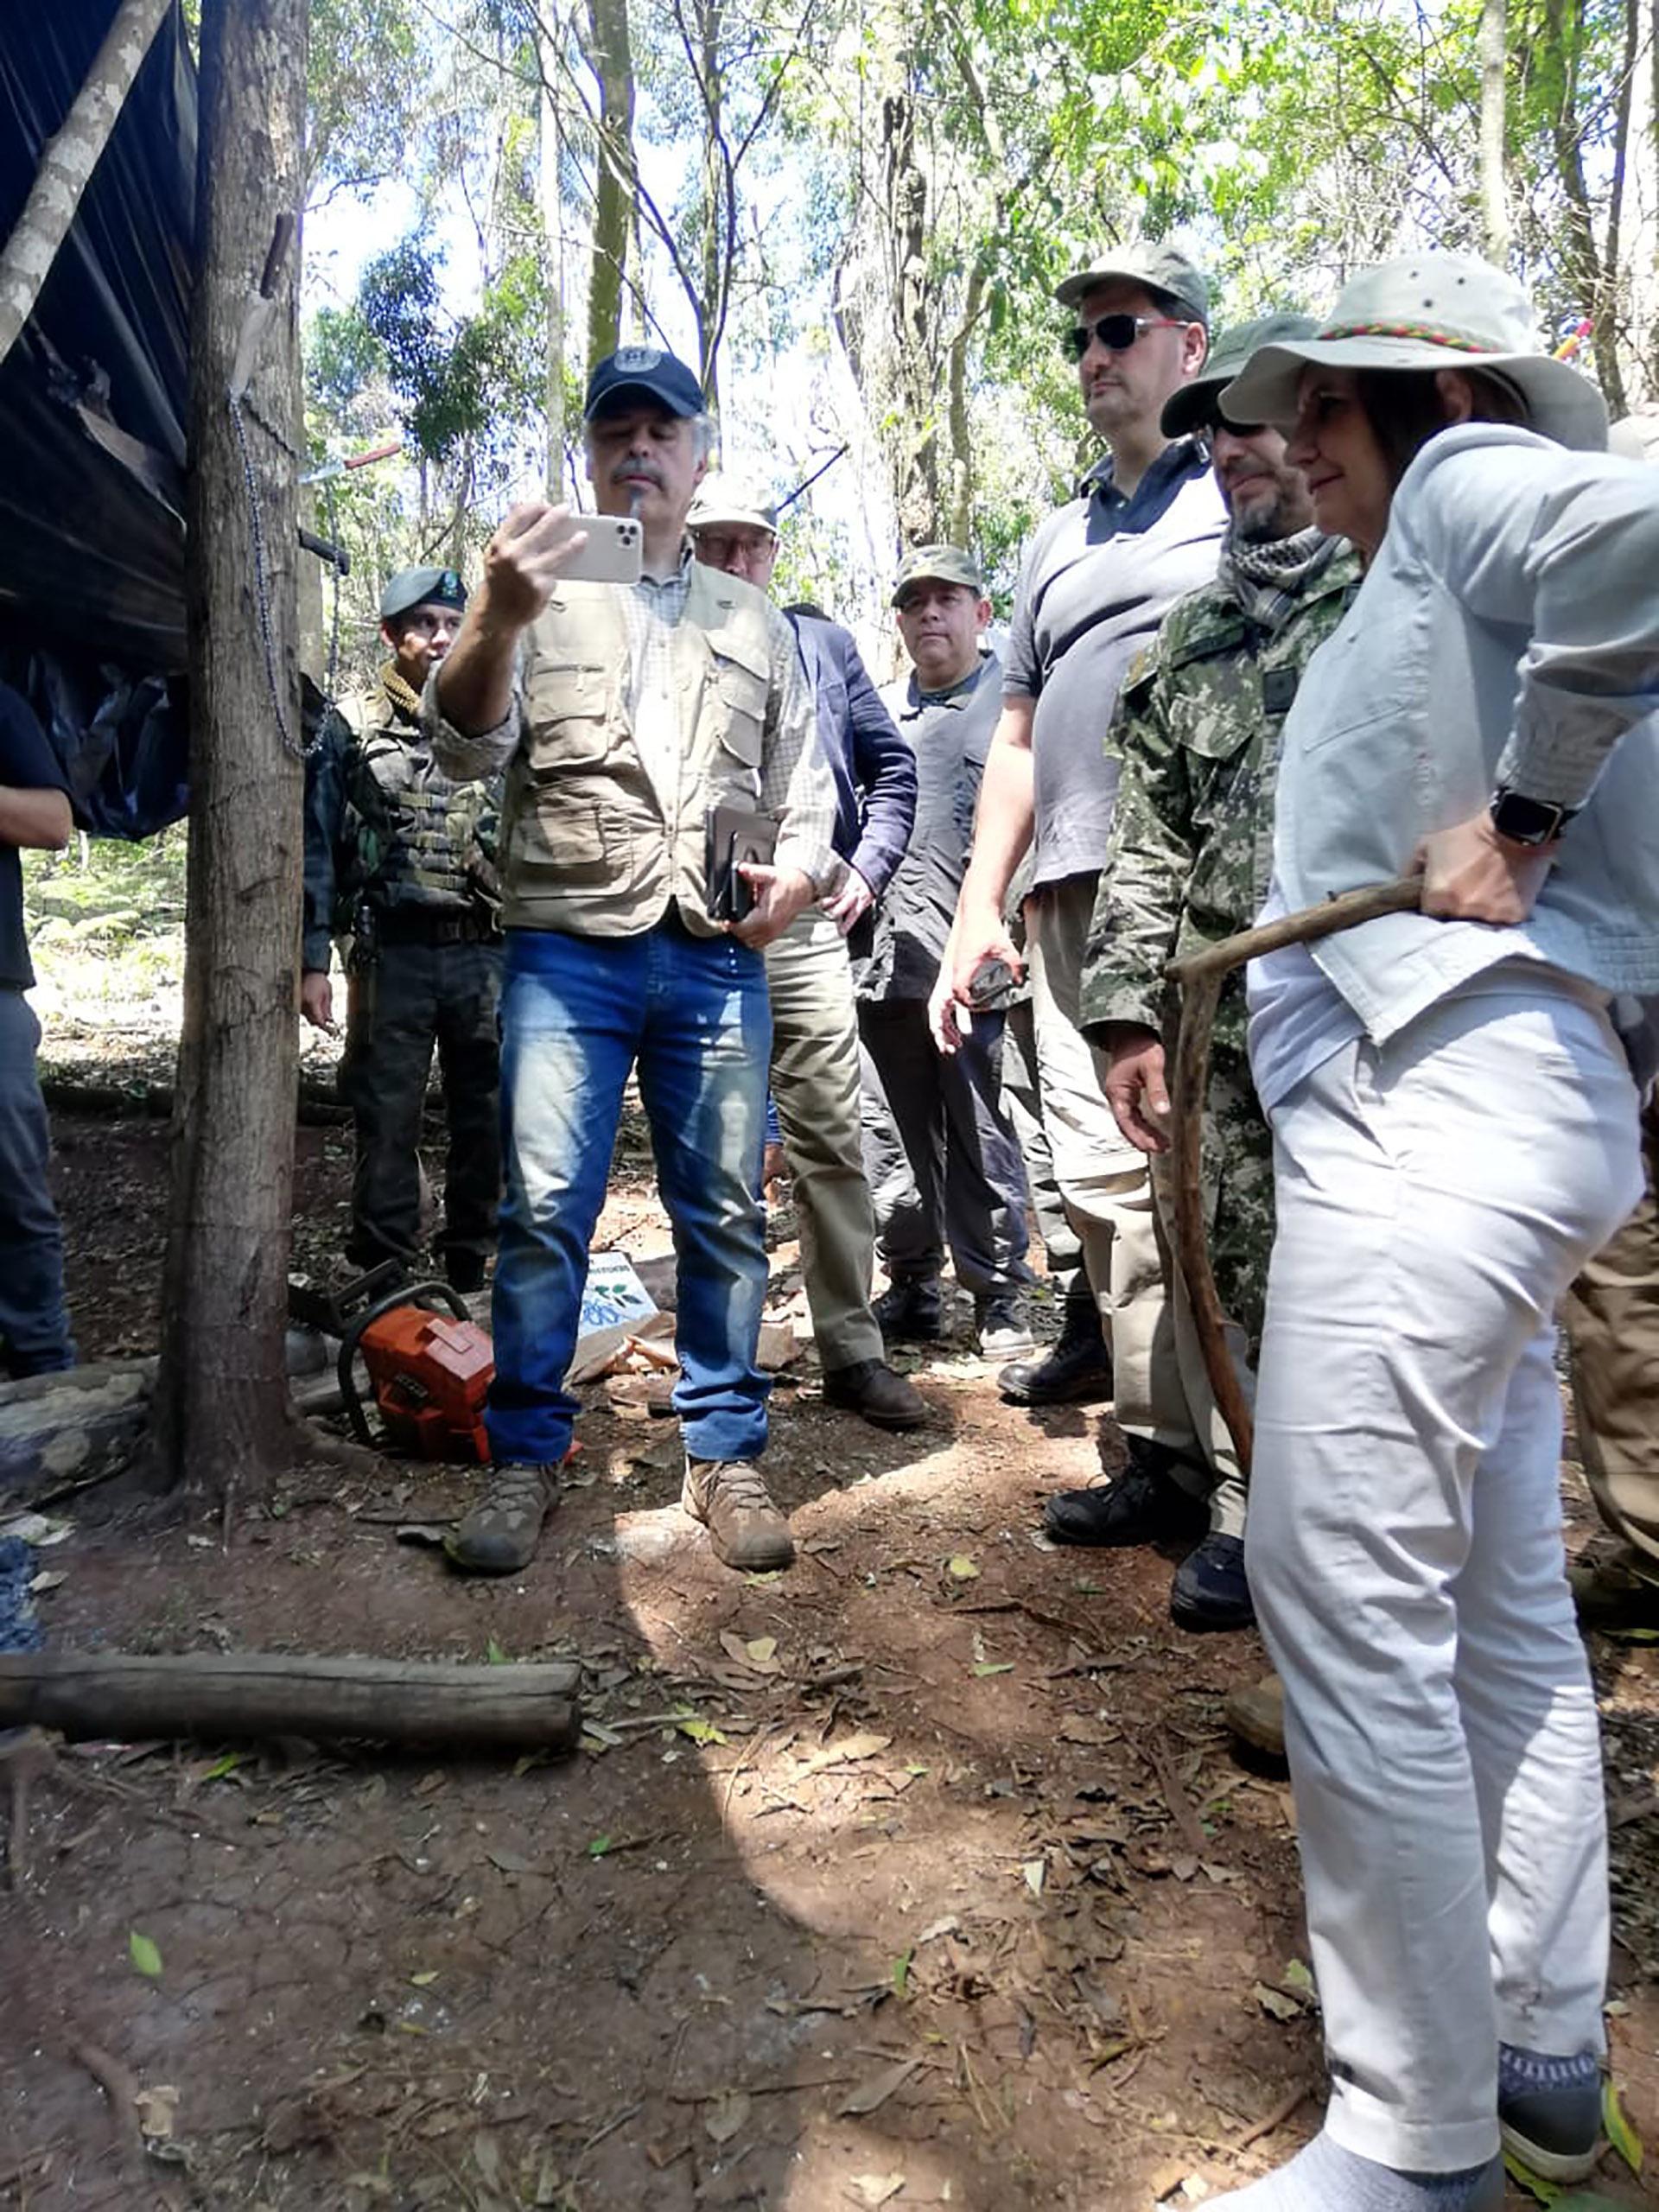 Fuentes de la investigación consultadas por Infobae señalaron que la mayor parte de la producción de cannabis fue emplazada en el Parque San Rafael, un escenario natural ideal para camuflar y esconder las plantaciones.